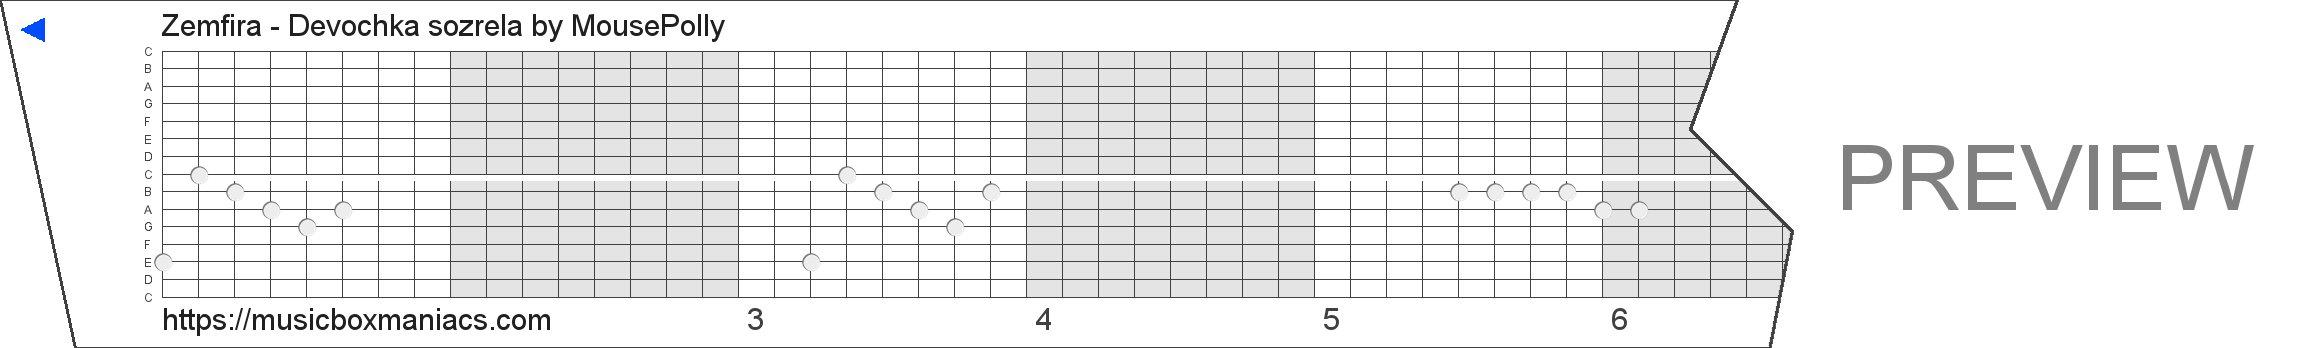 Zemfira - Devochka sozrela 15 note music box paper strip